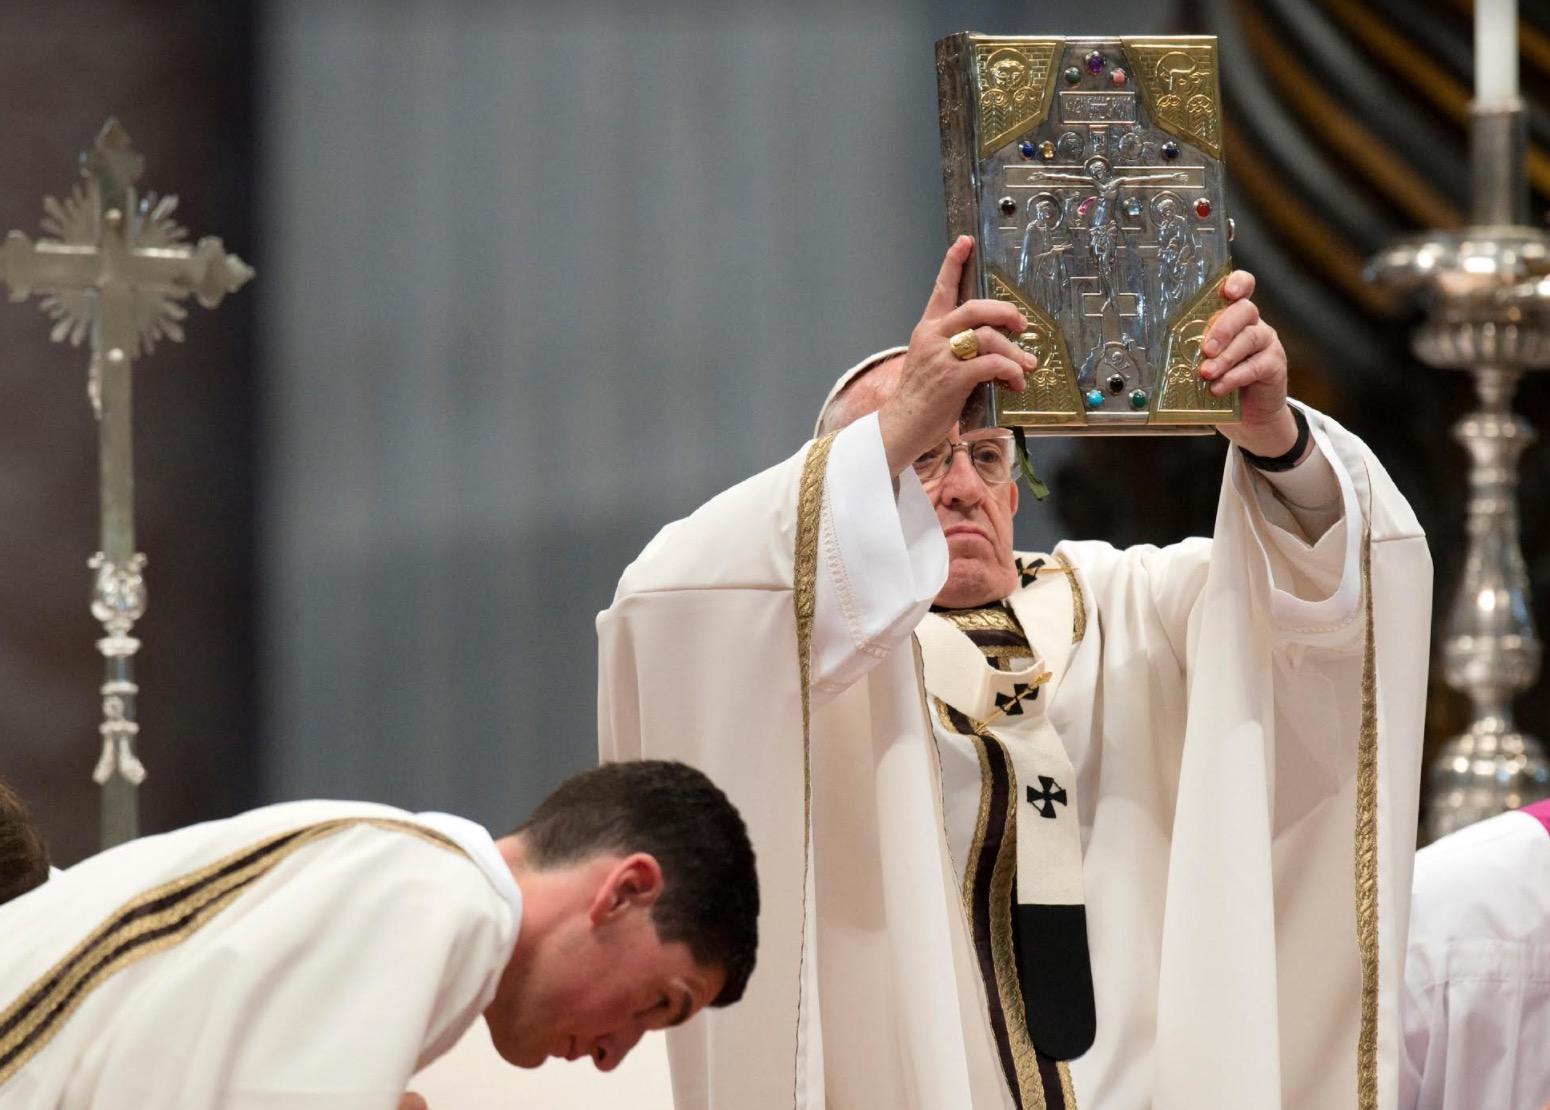 El Papa bendice con las Sagradas Escrituras durante la misa crismal 2017 (Osservatore © Romano)